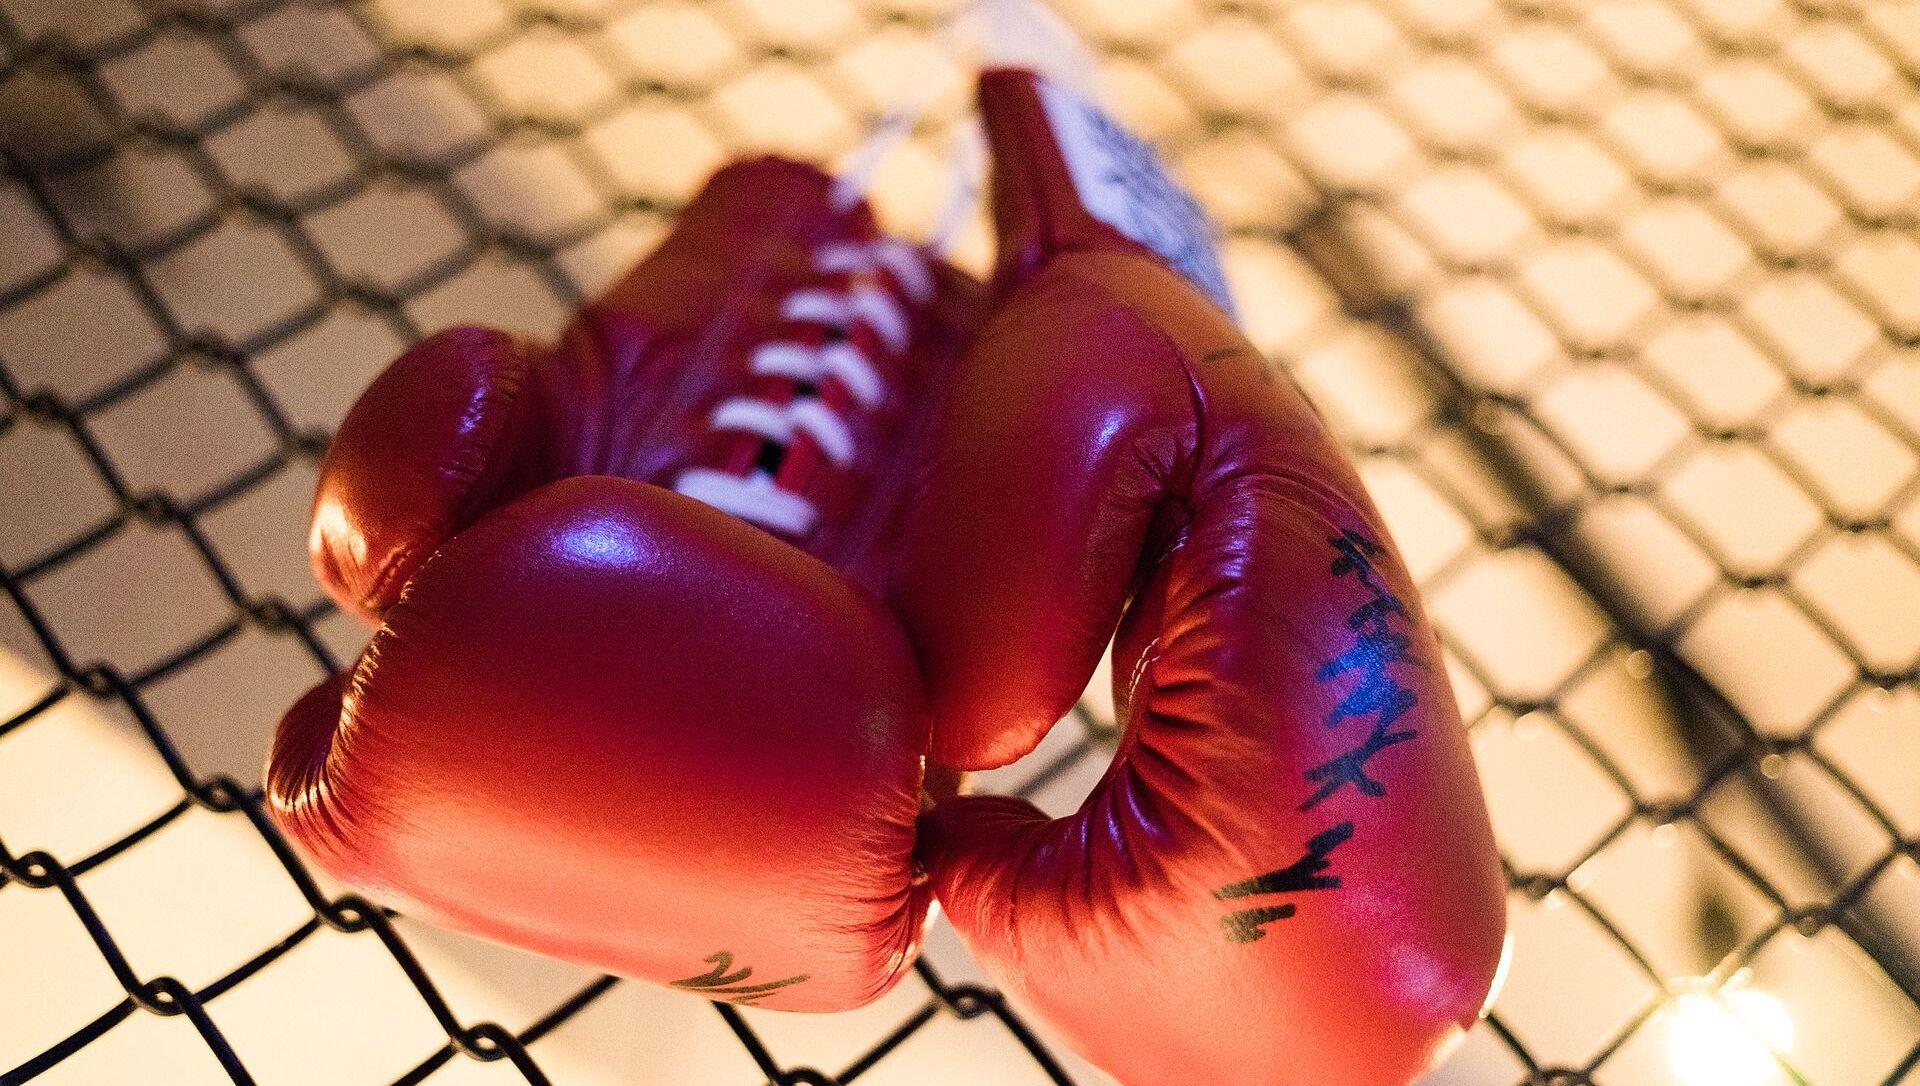 Boxing gloves - Sputnik International, 1920, 29.07.2021